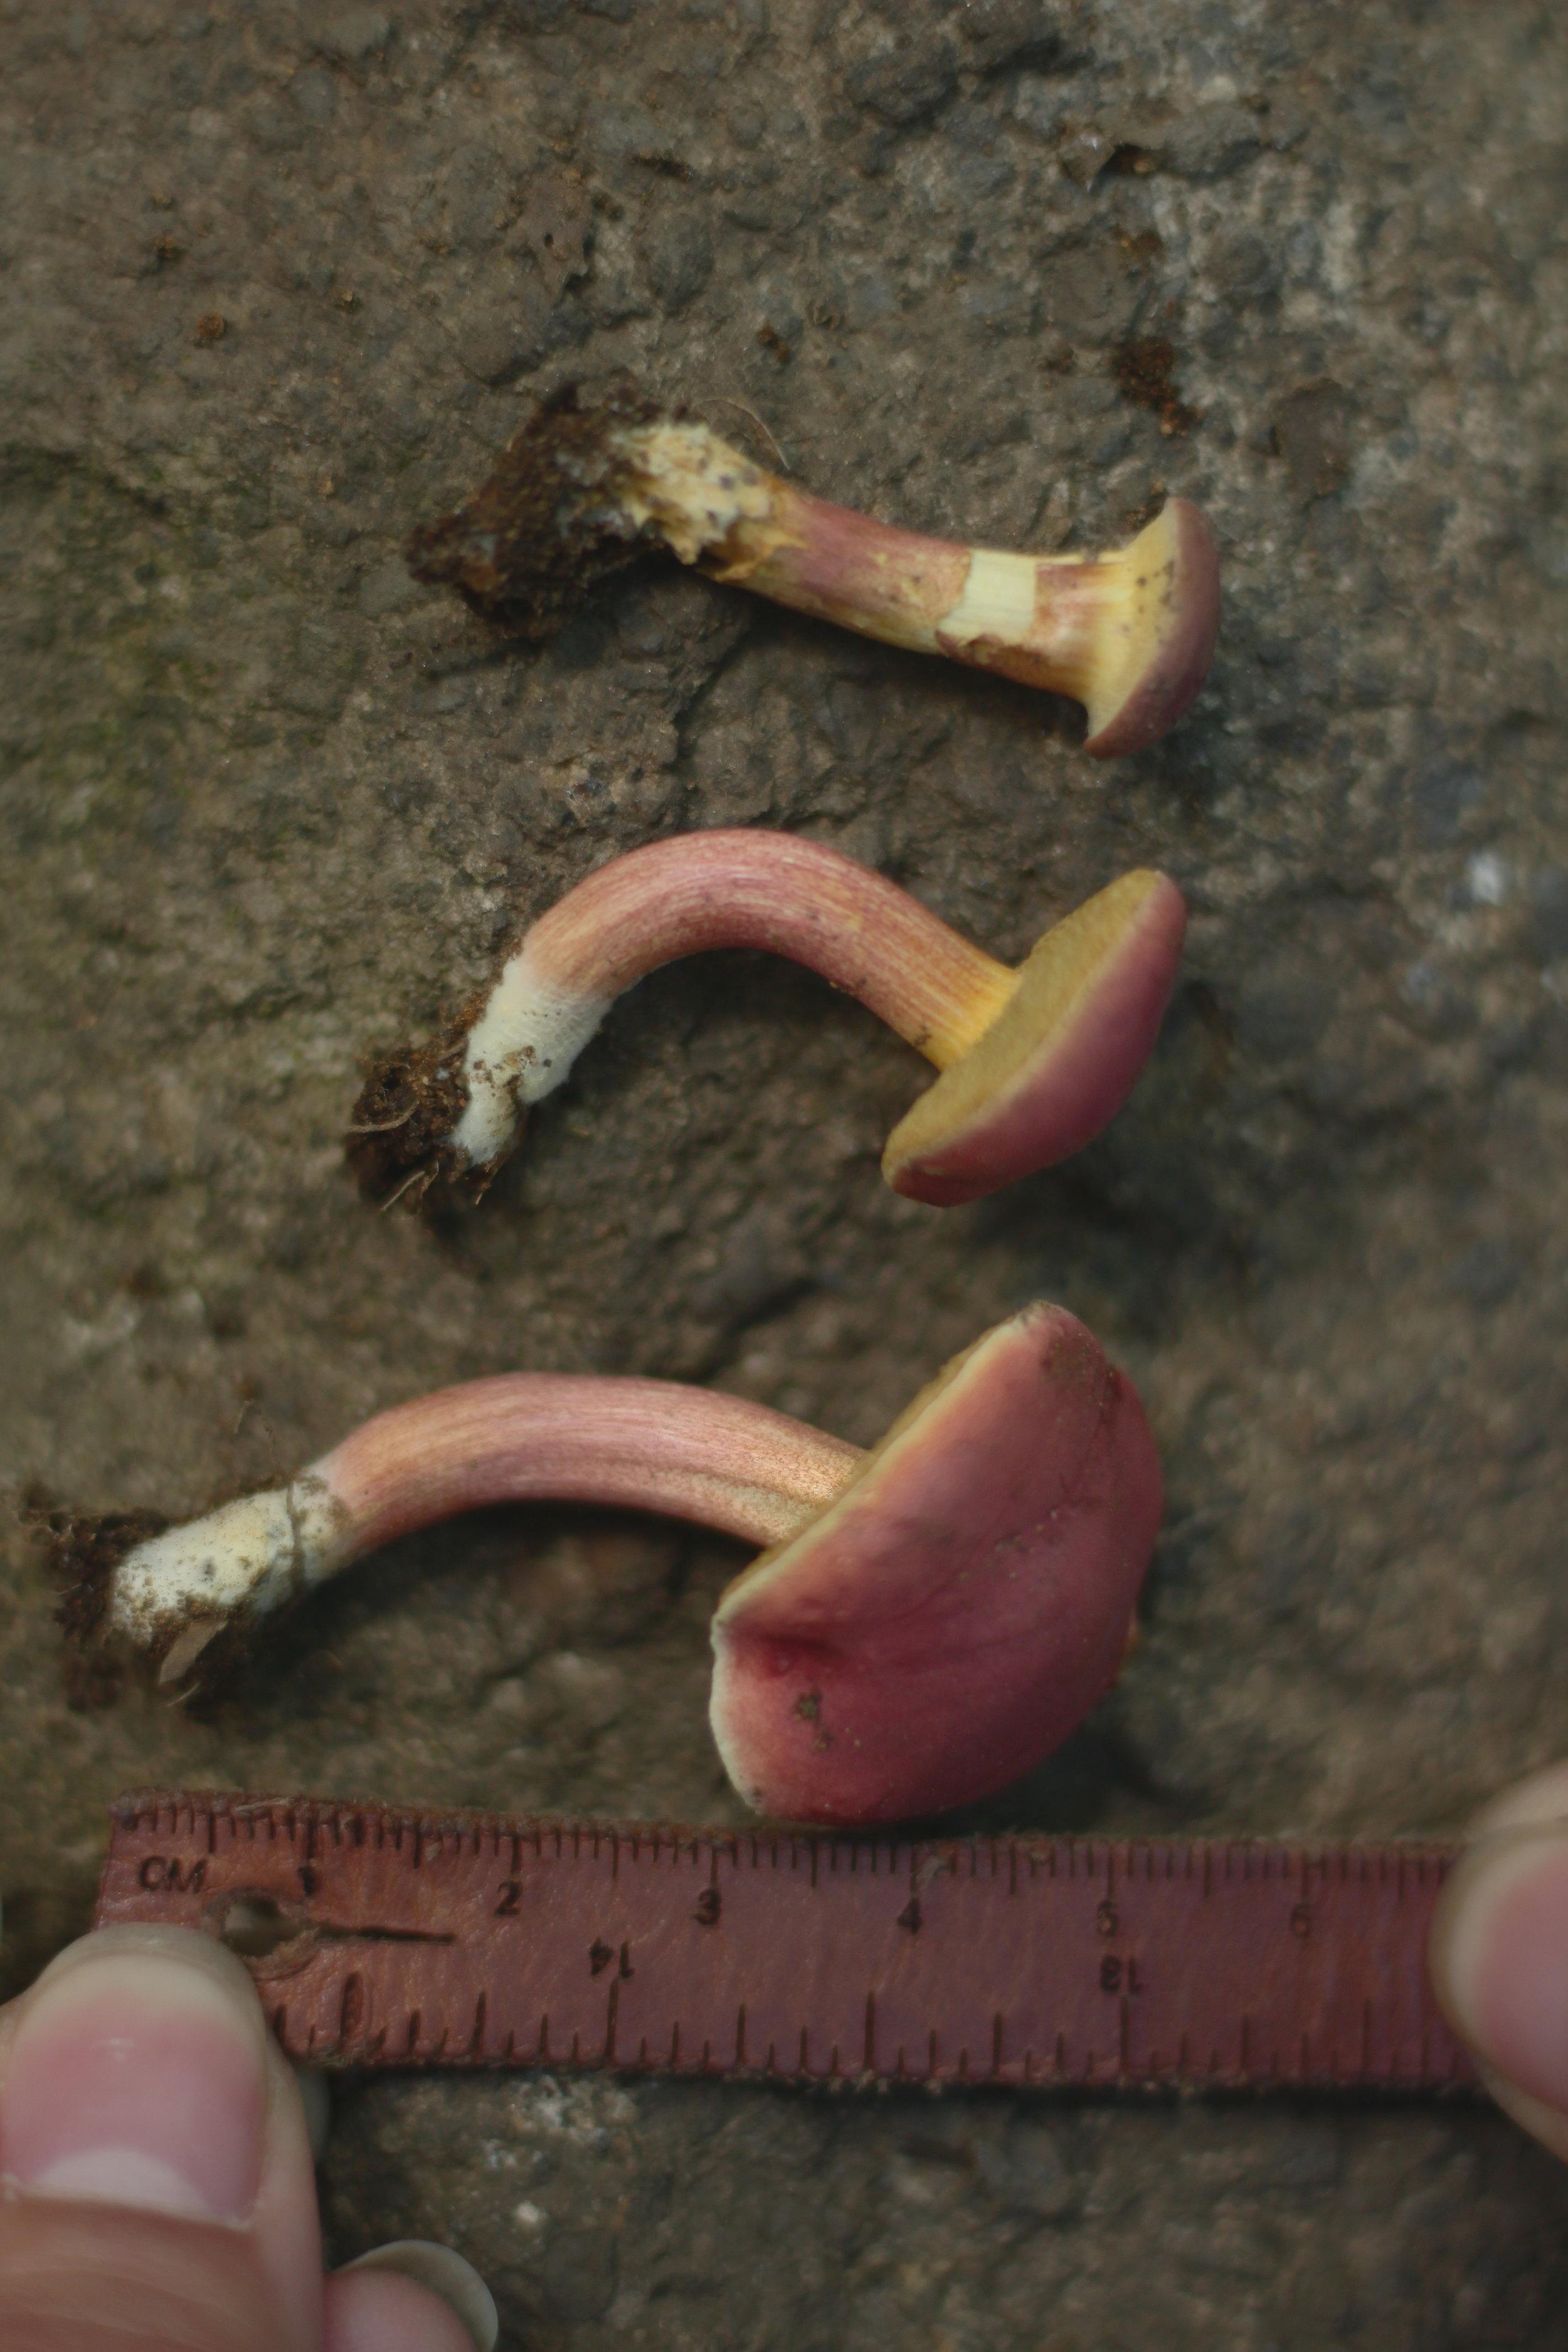 Jeunes spécimens très petits non identifiés